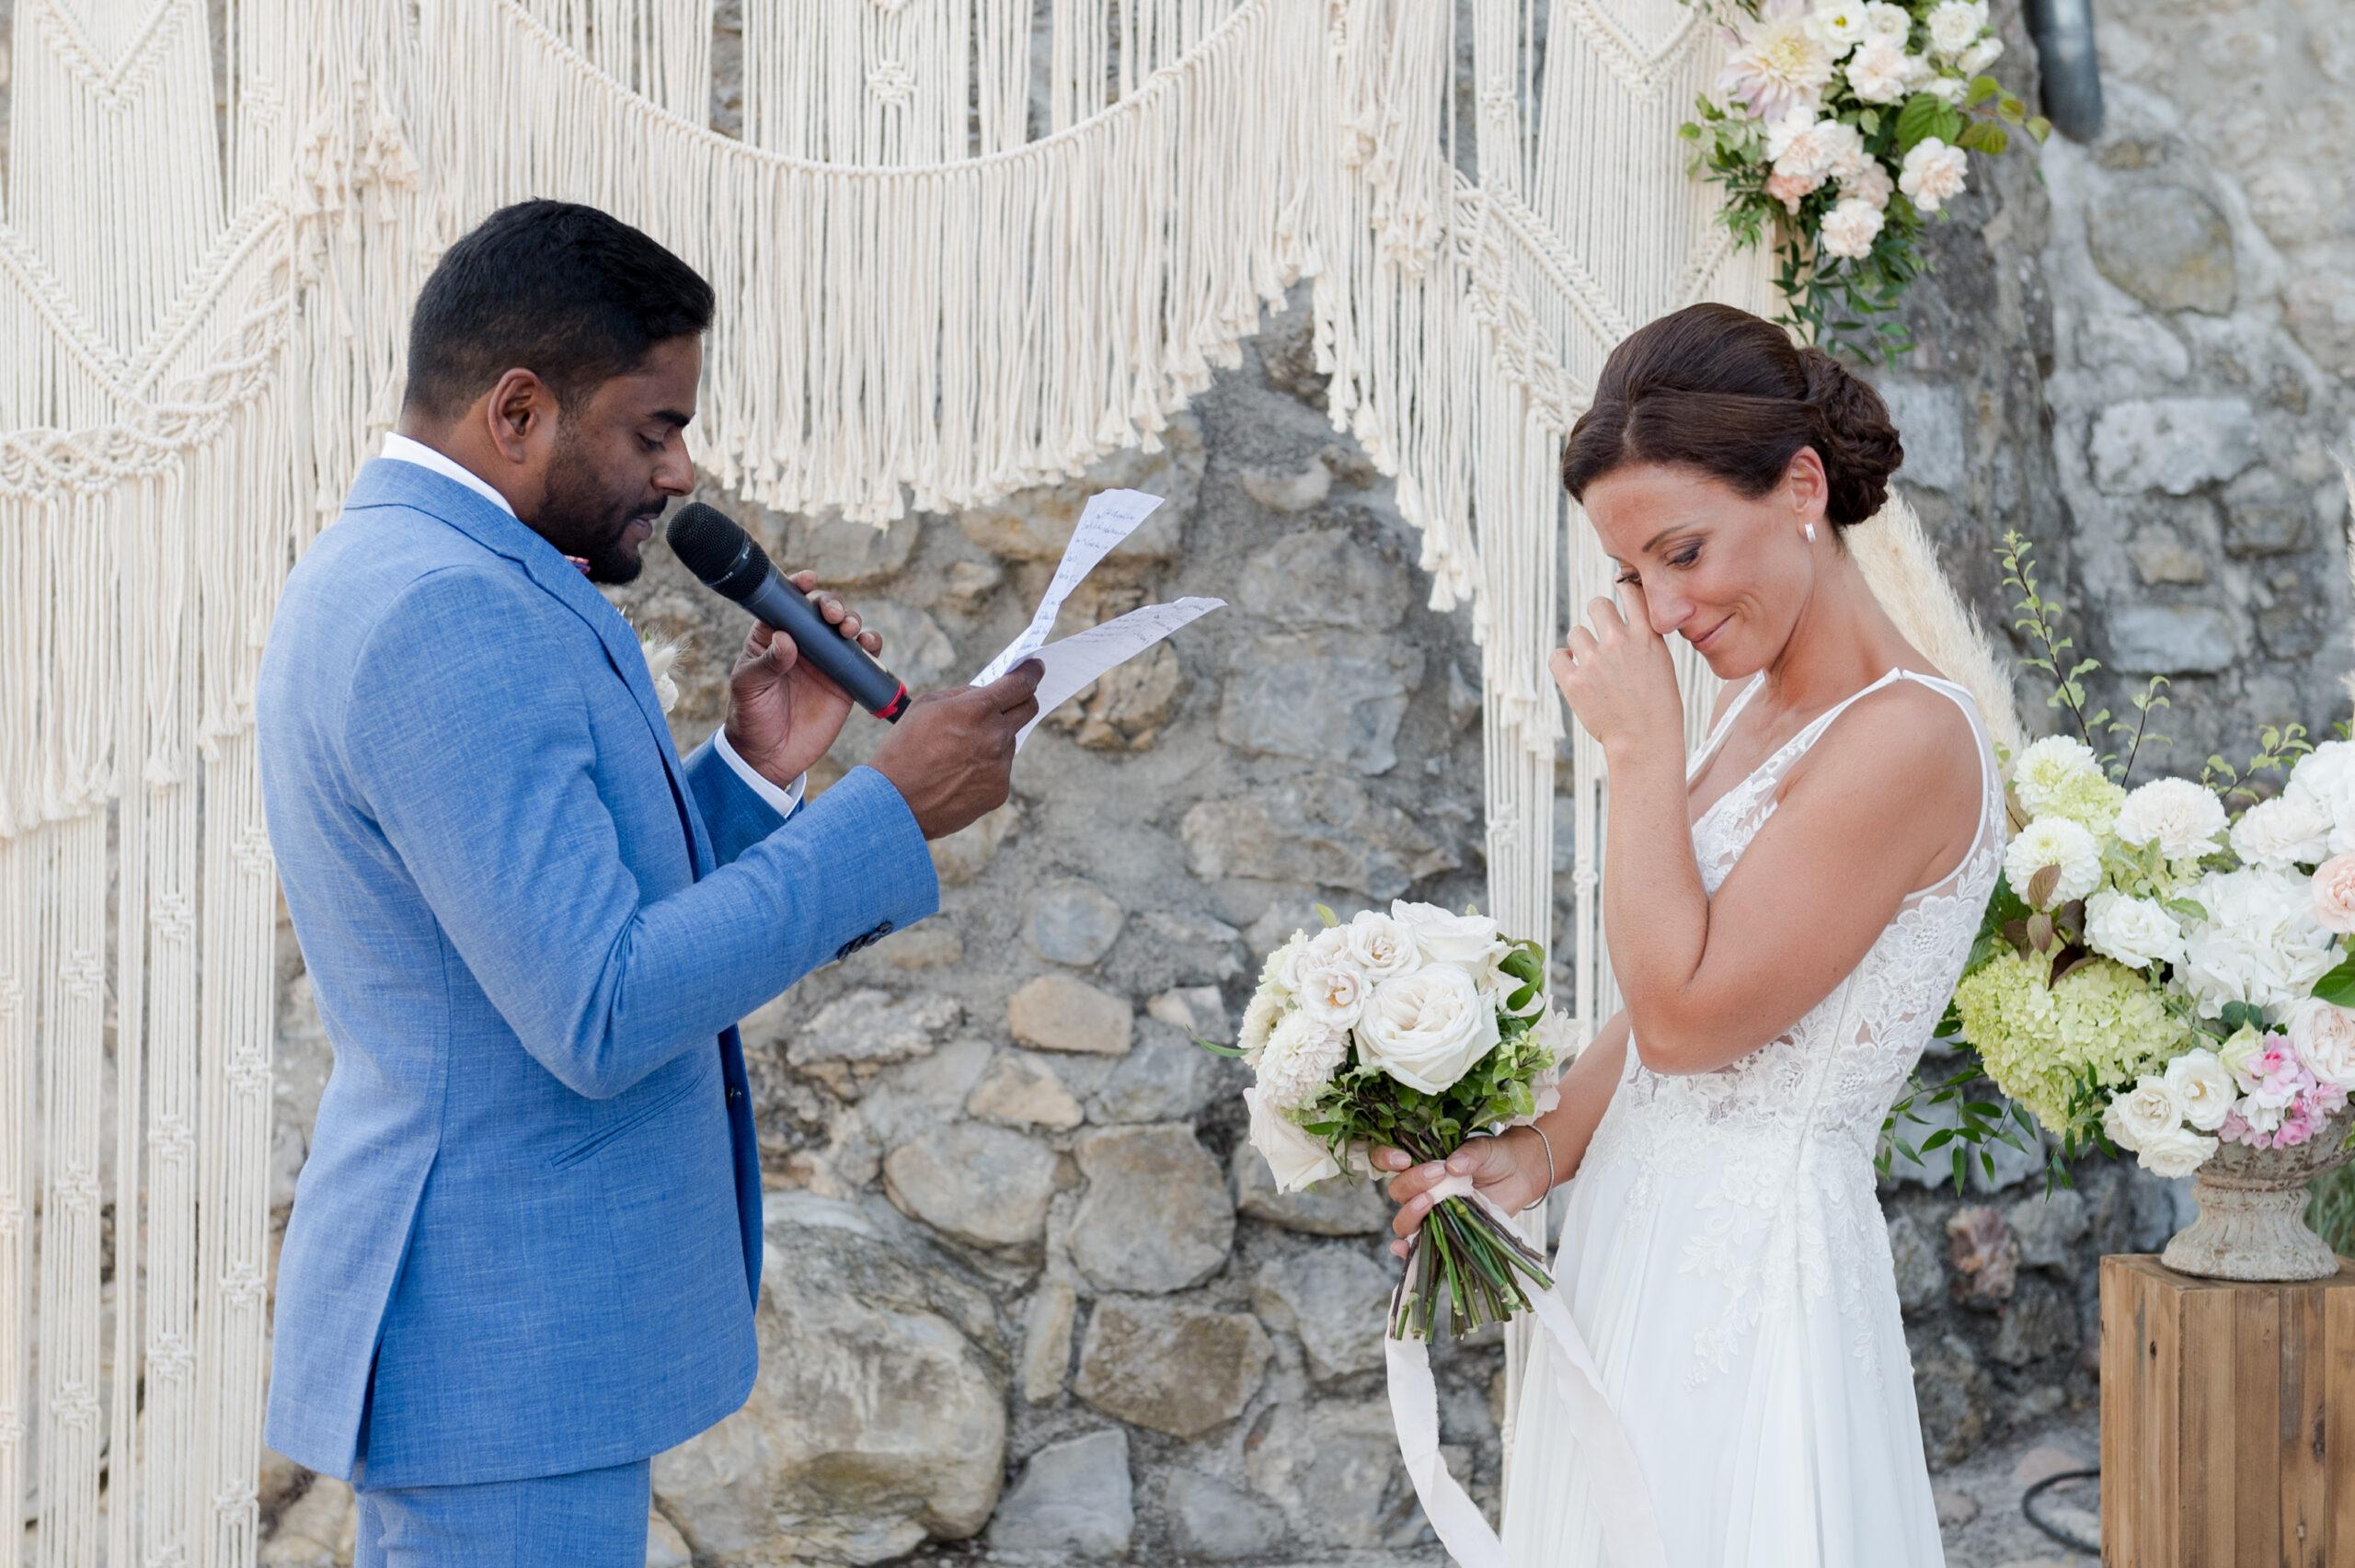 ceremonie laique organisation mariage dday wedding planner